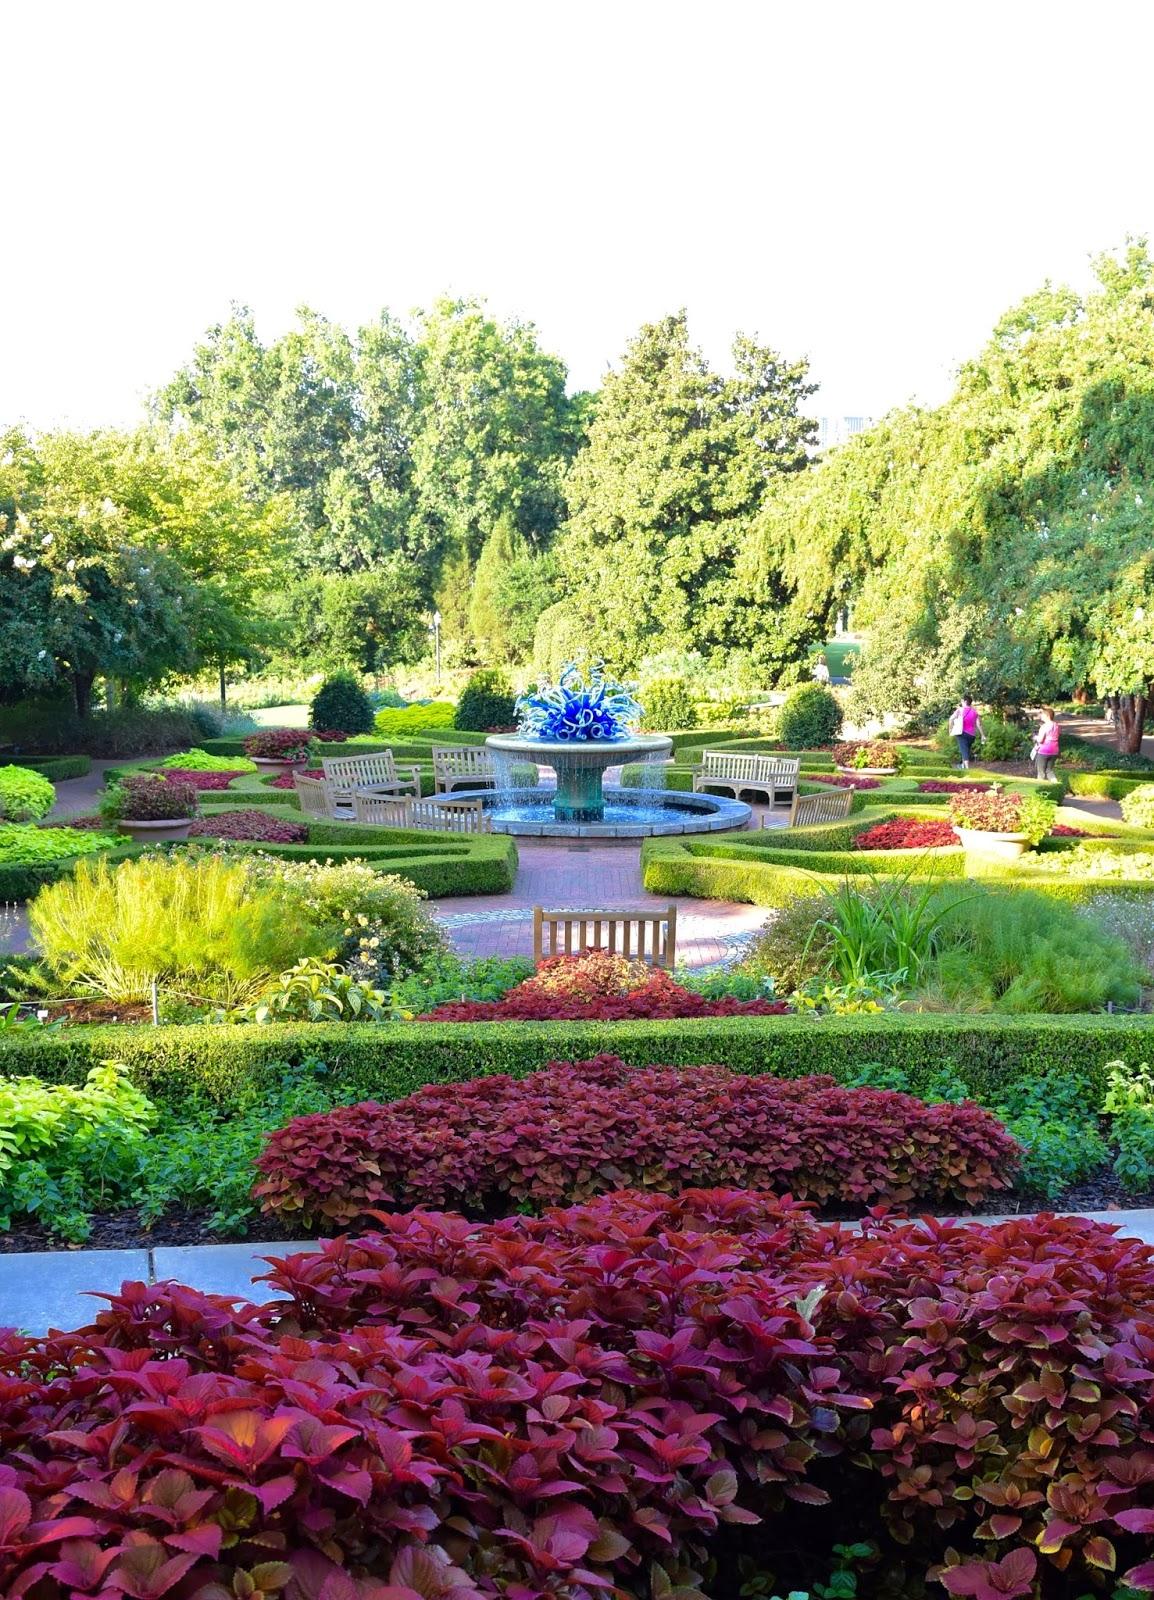 Chihuly At The Atlanta Botanical Garden